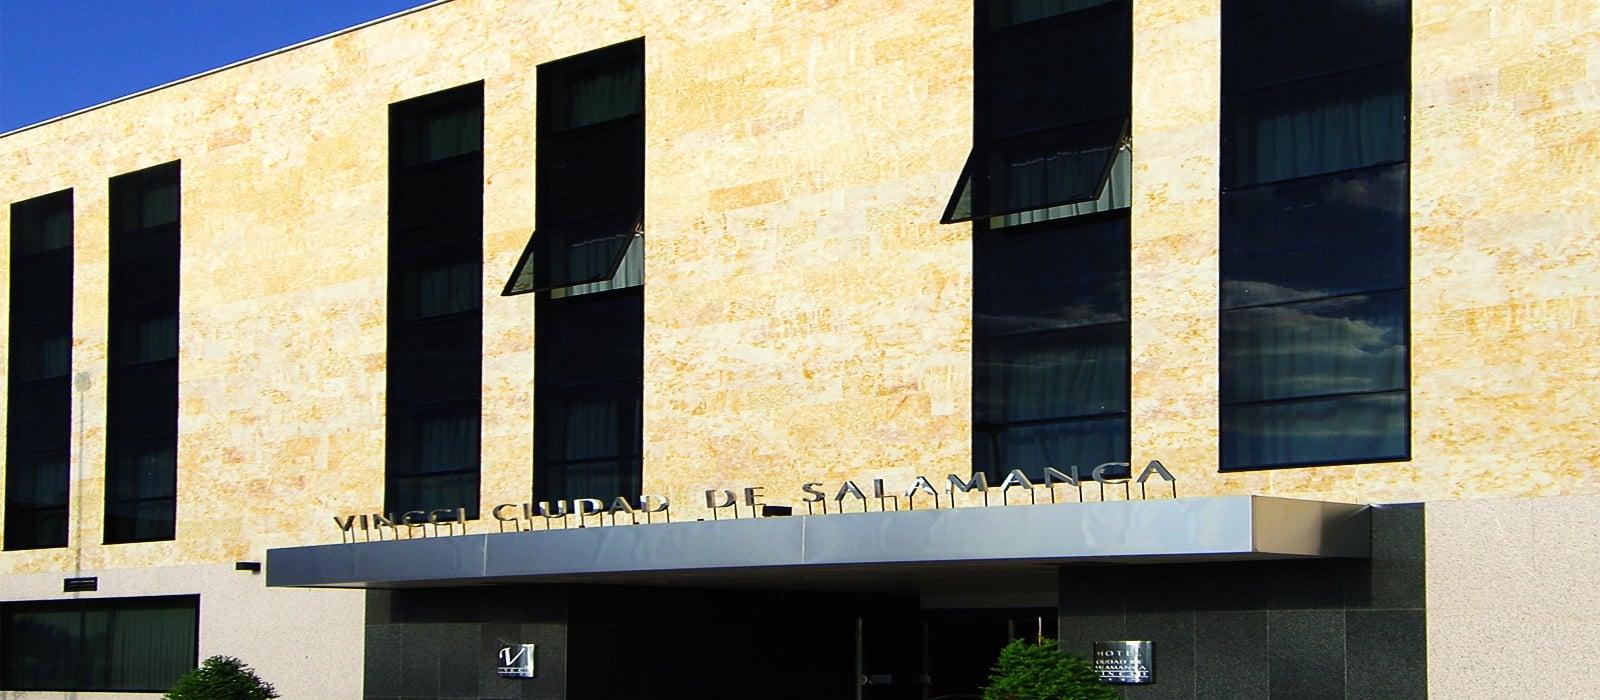 Seitenansicht-Hoteles Vincci. Hotel Vincci Ciudad de Salamanca